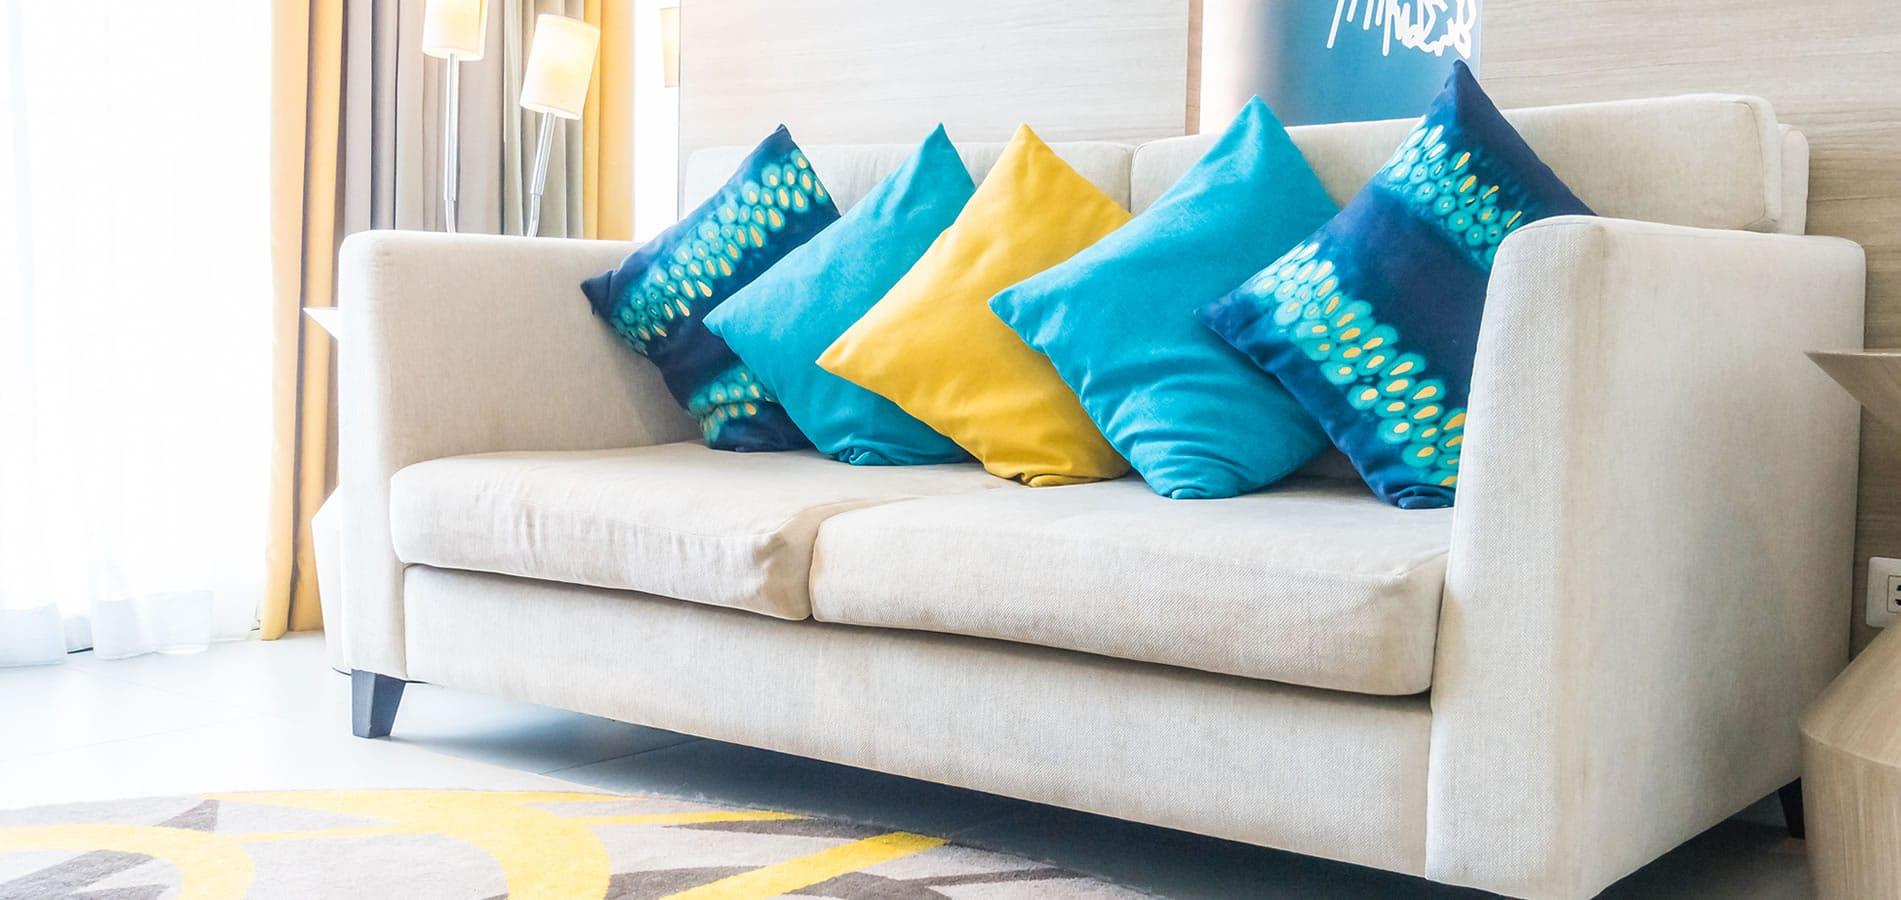 Limpeza de sofás em tecido